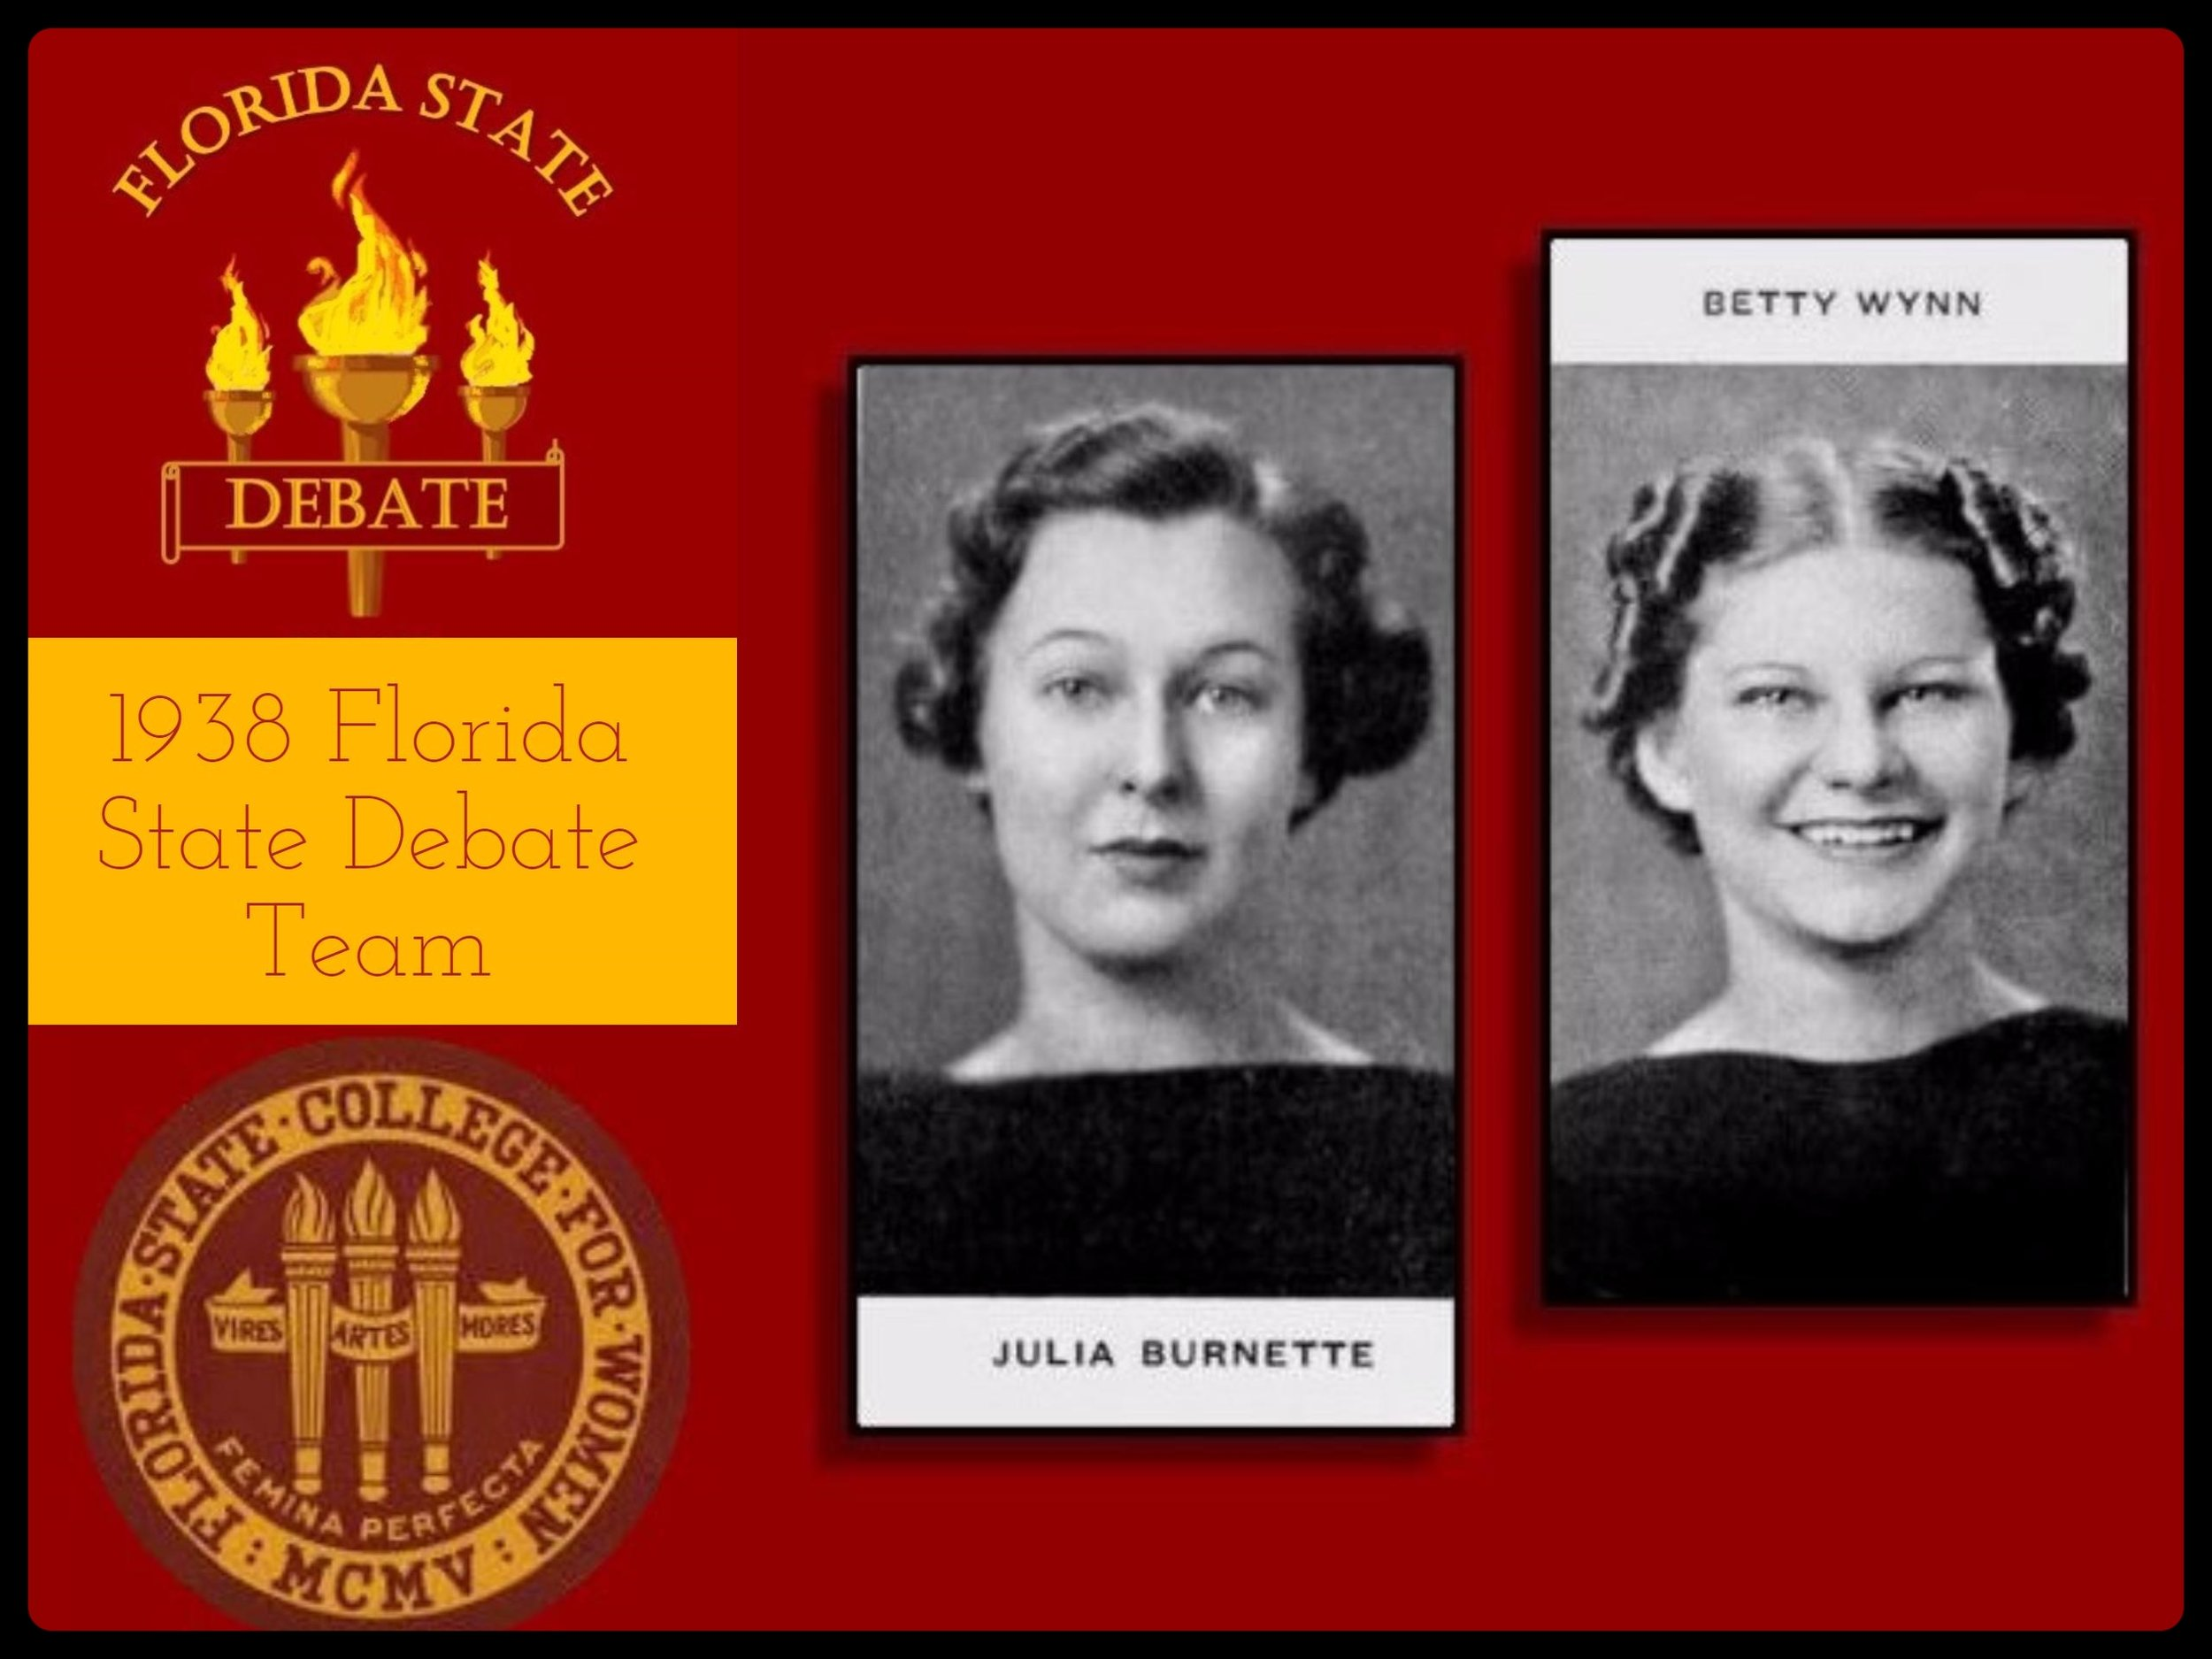 1938: Burnette & Wynn